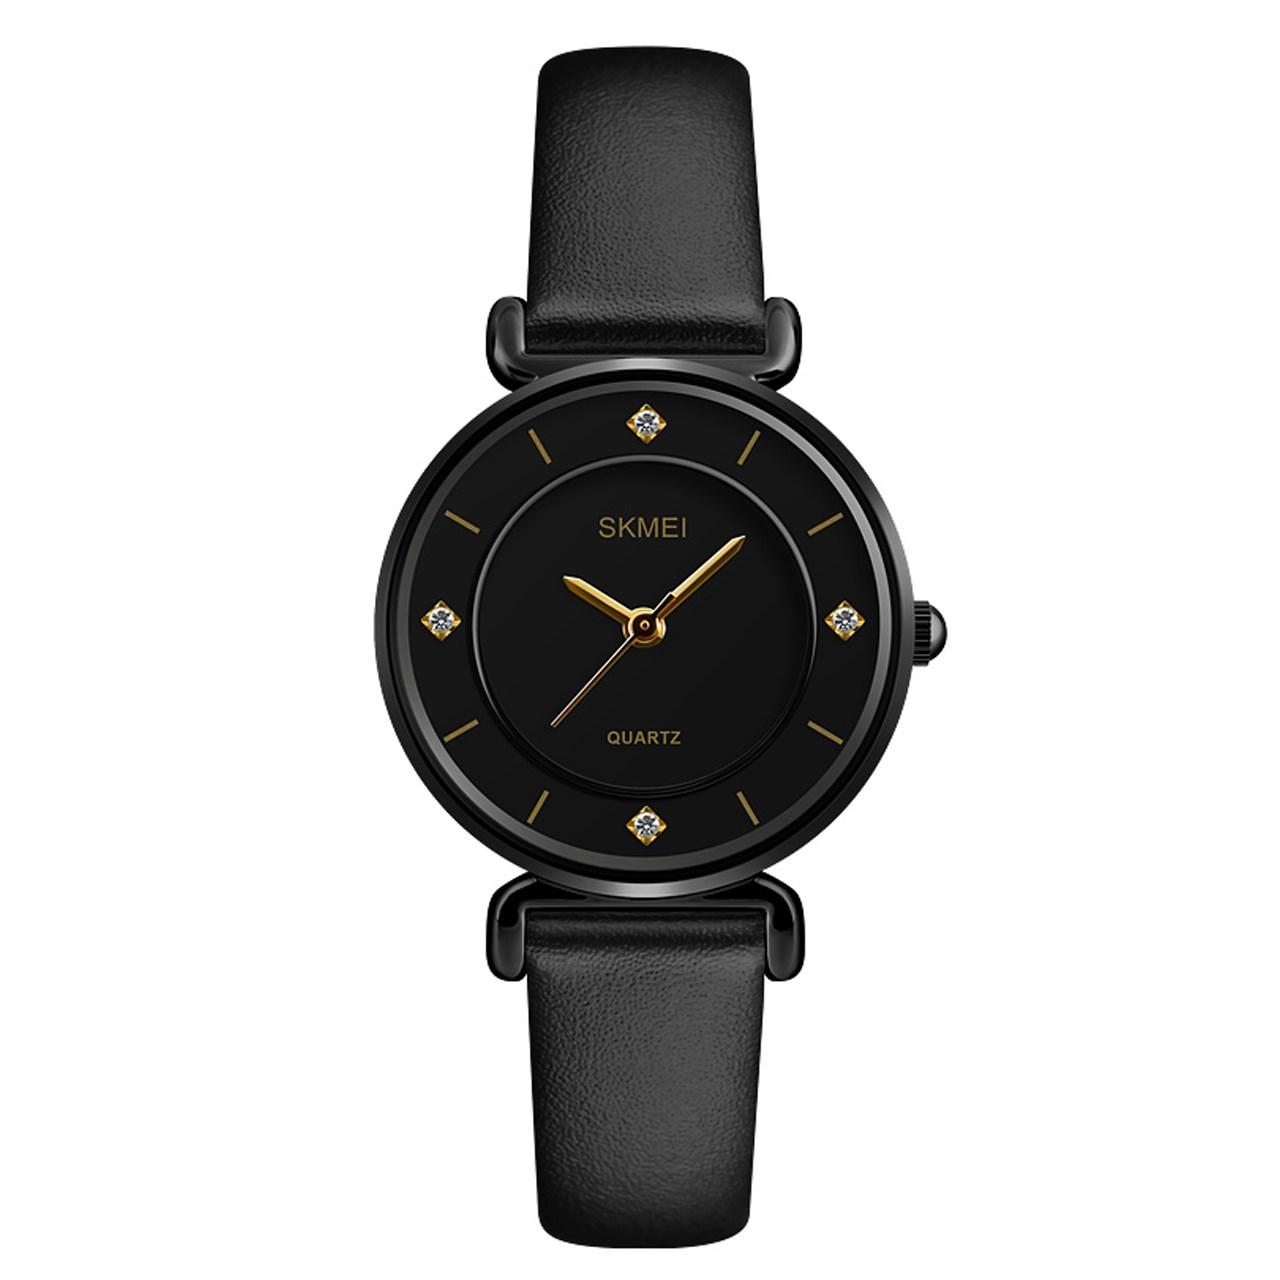 ساعت مچی عقربه ای زنانه اسکمی مدل 1330 کد 01 12